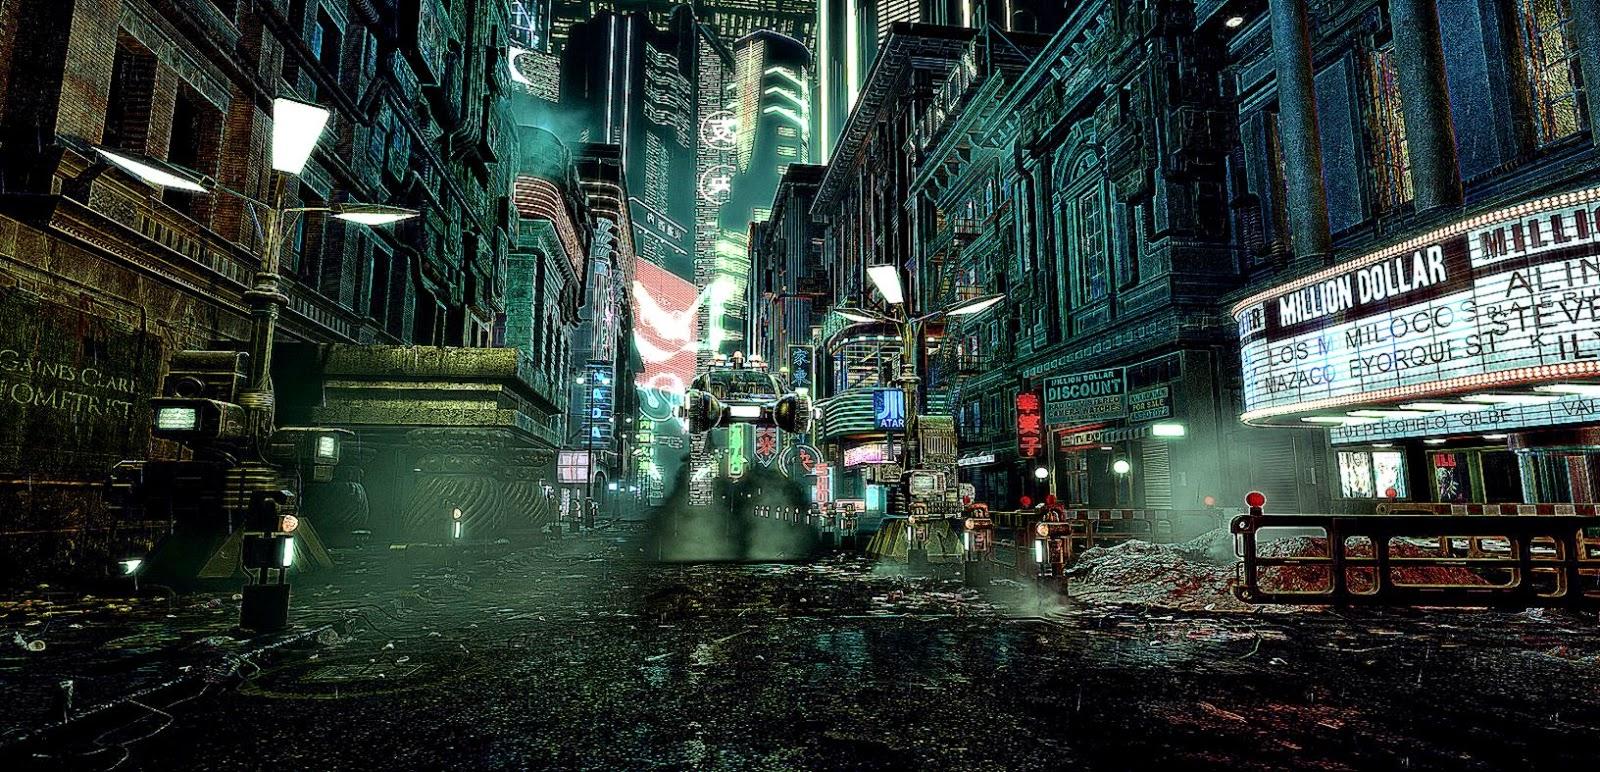 Blade runner city interesting